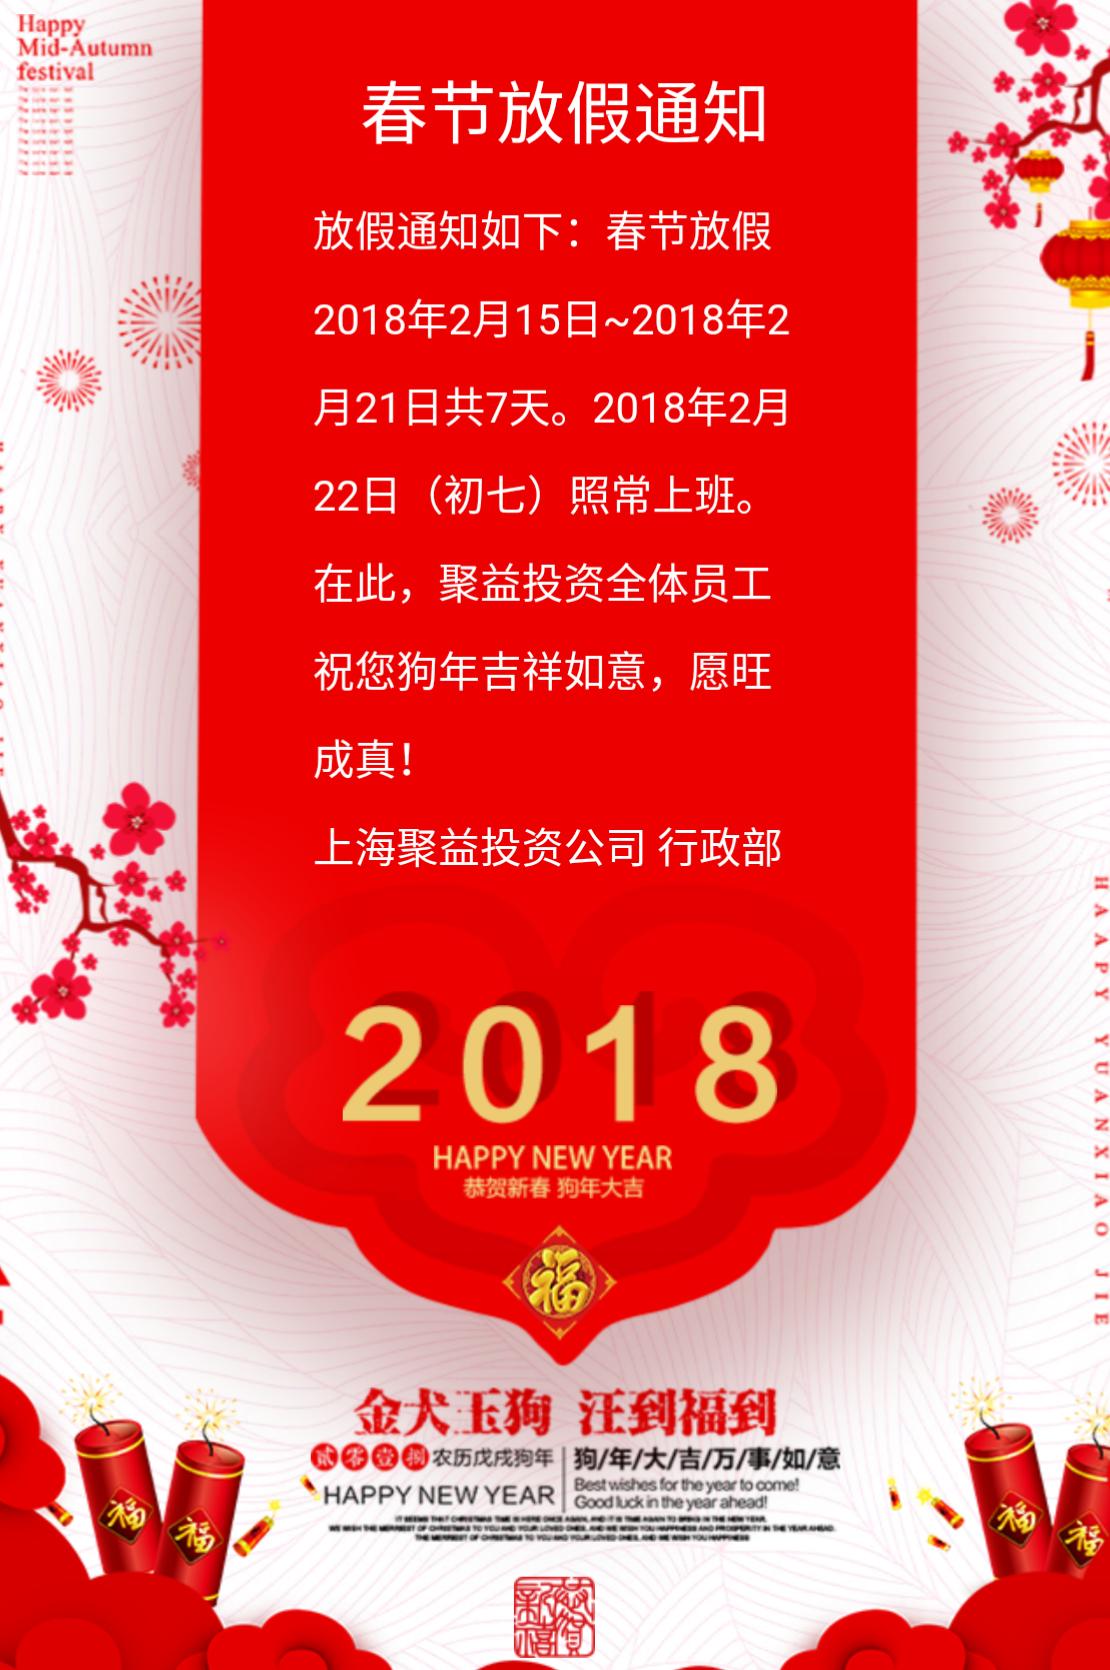 微信图片_20180213121103.png